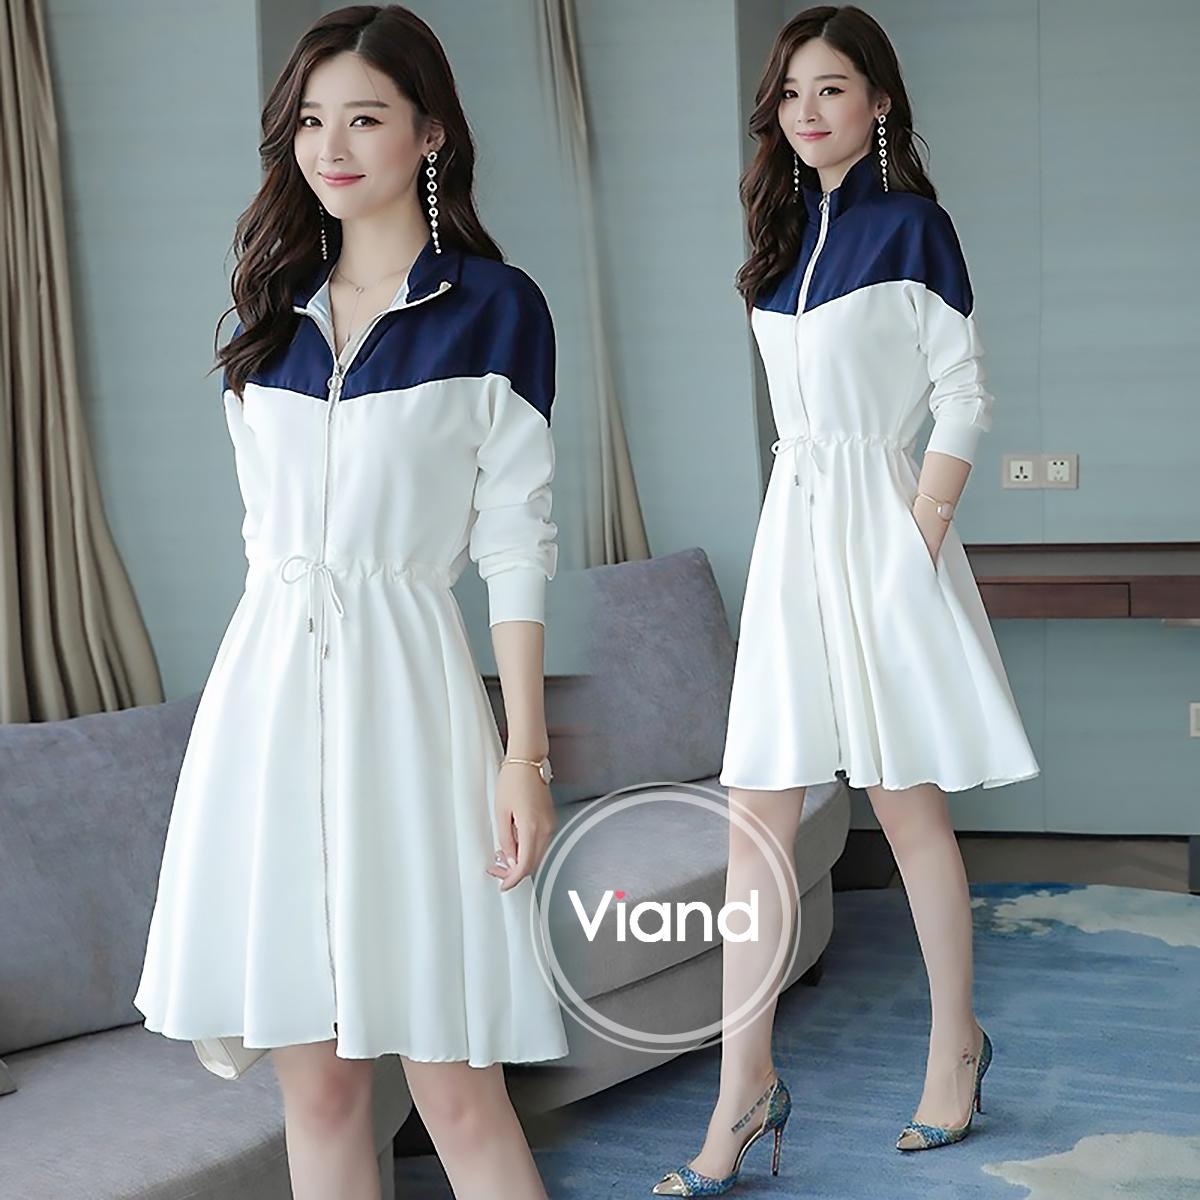 เดรสเกาหลี พร้อมส่ง เดรสทรงสวย ผ้าจอร์เจีย